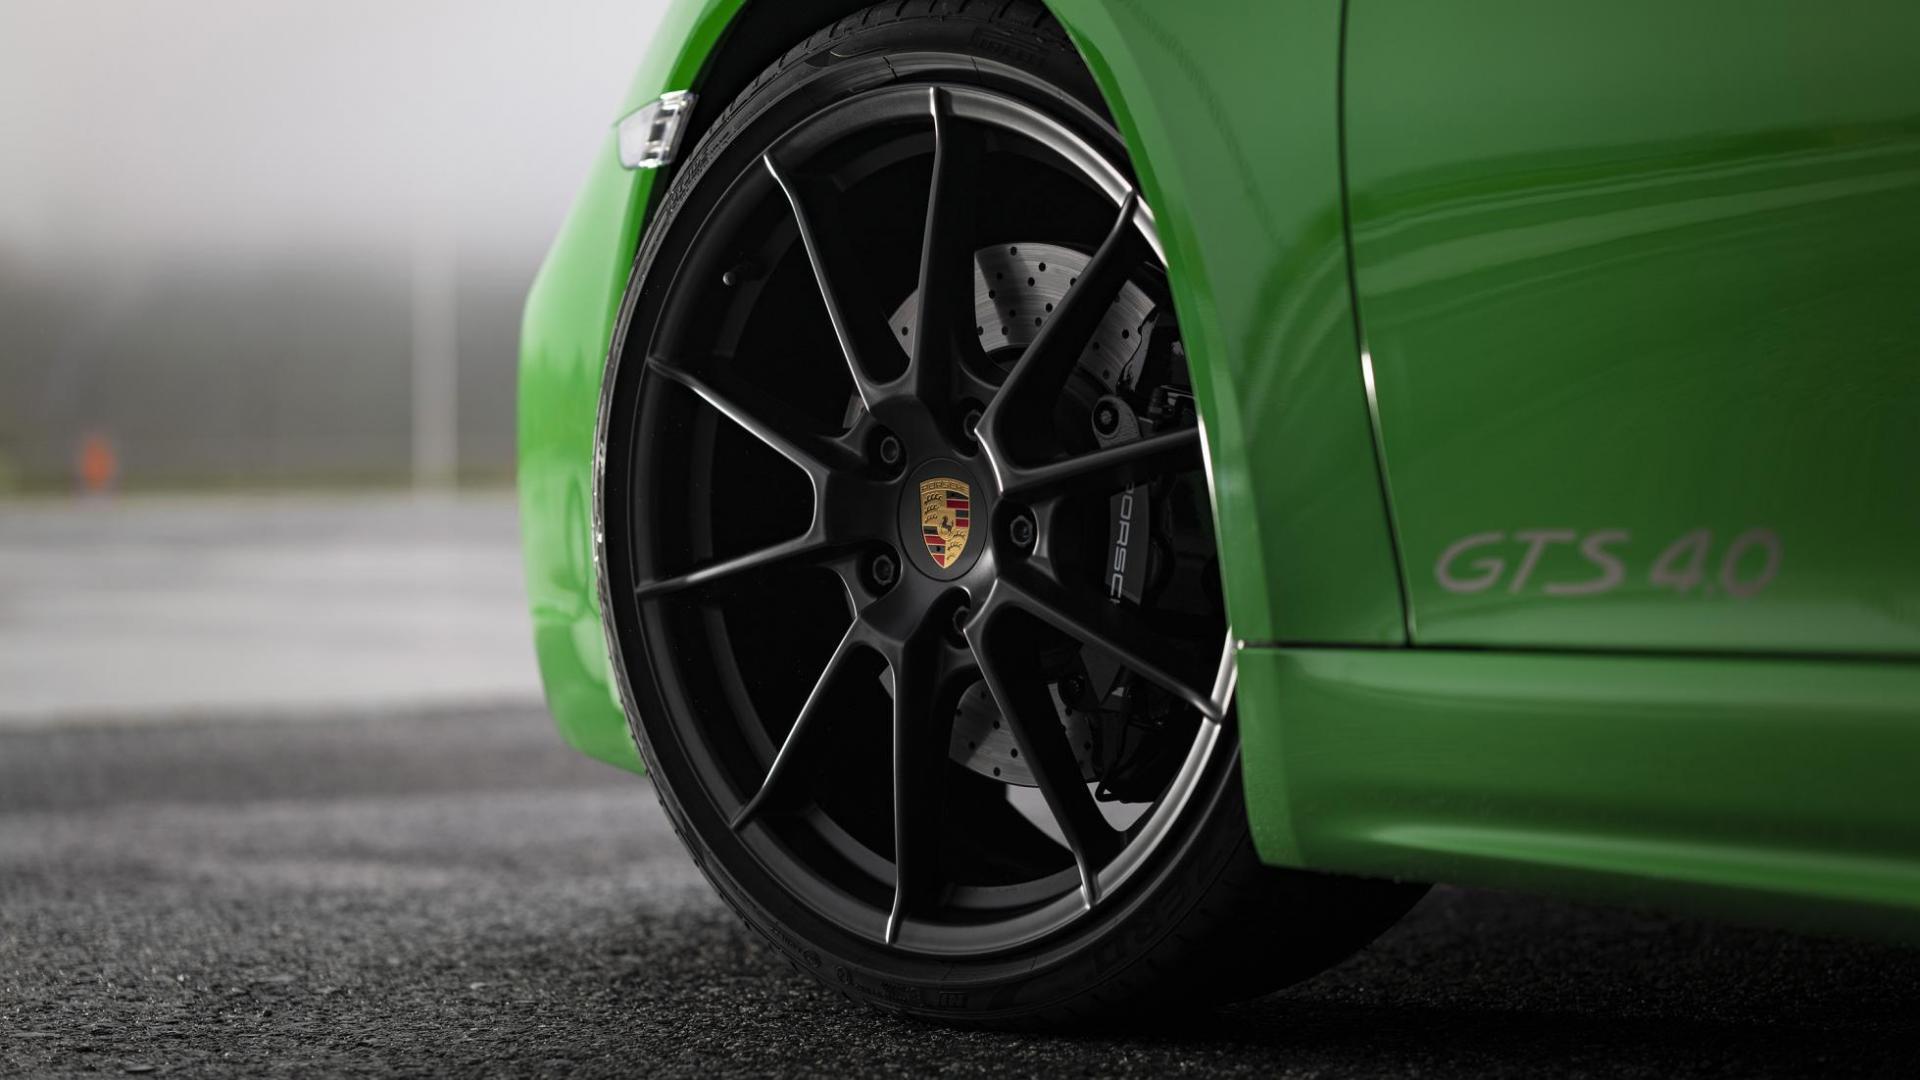 Porsche 718 Cayman GTS 4.0 zescilinder velg wiel